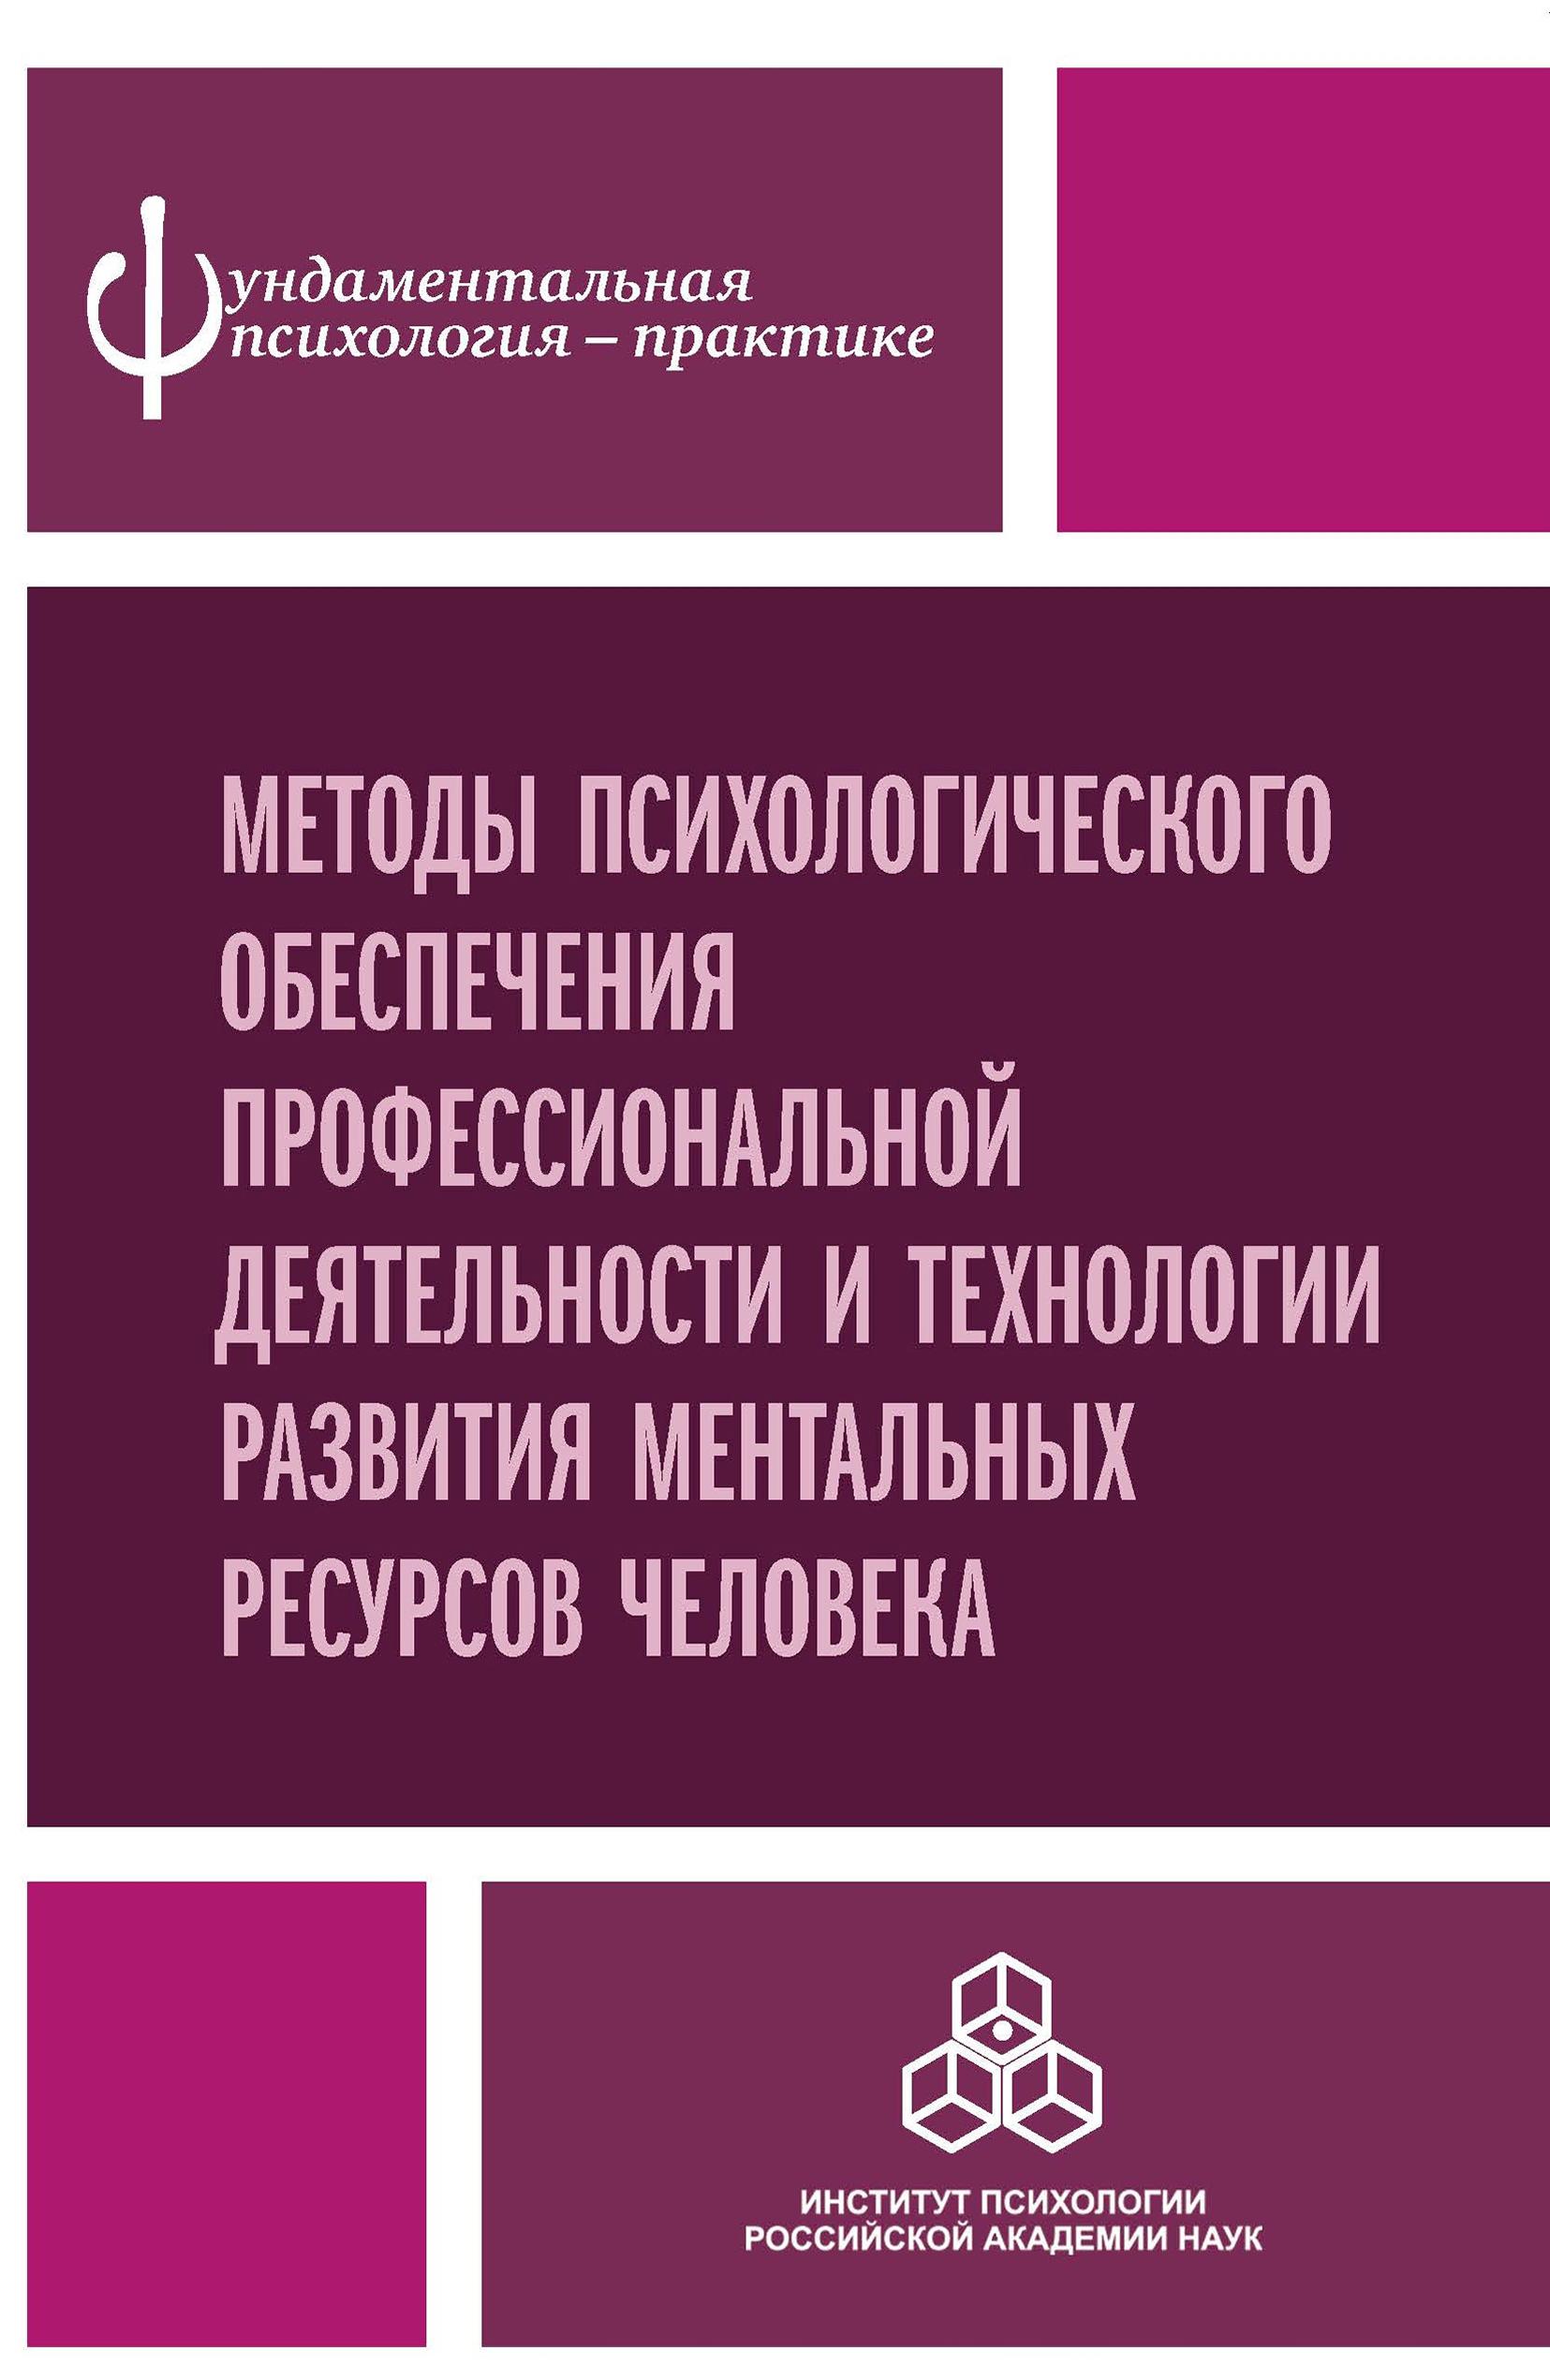 Коллектив авторов Методы психологического обеспечения профессиональной деятельности и технологии развития ментальных ресурсов человека ноутбук устройство для профессиональной деятельности врача реферат